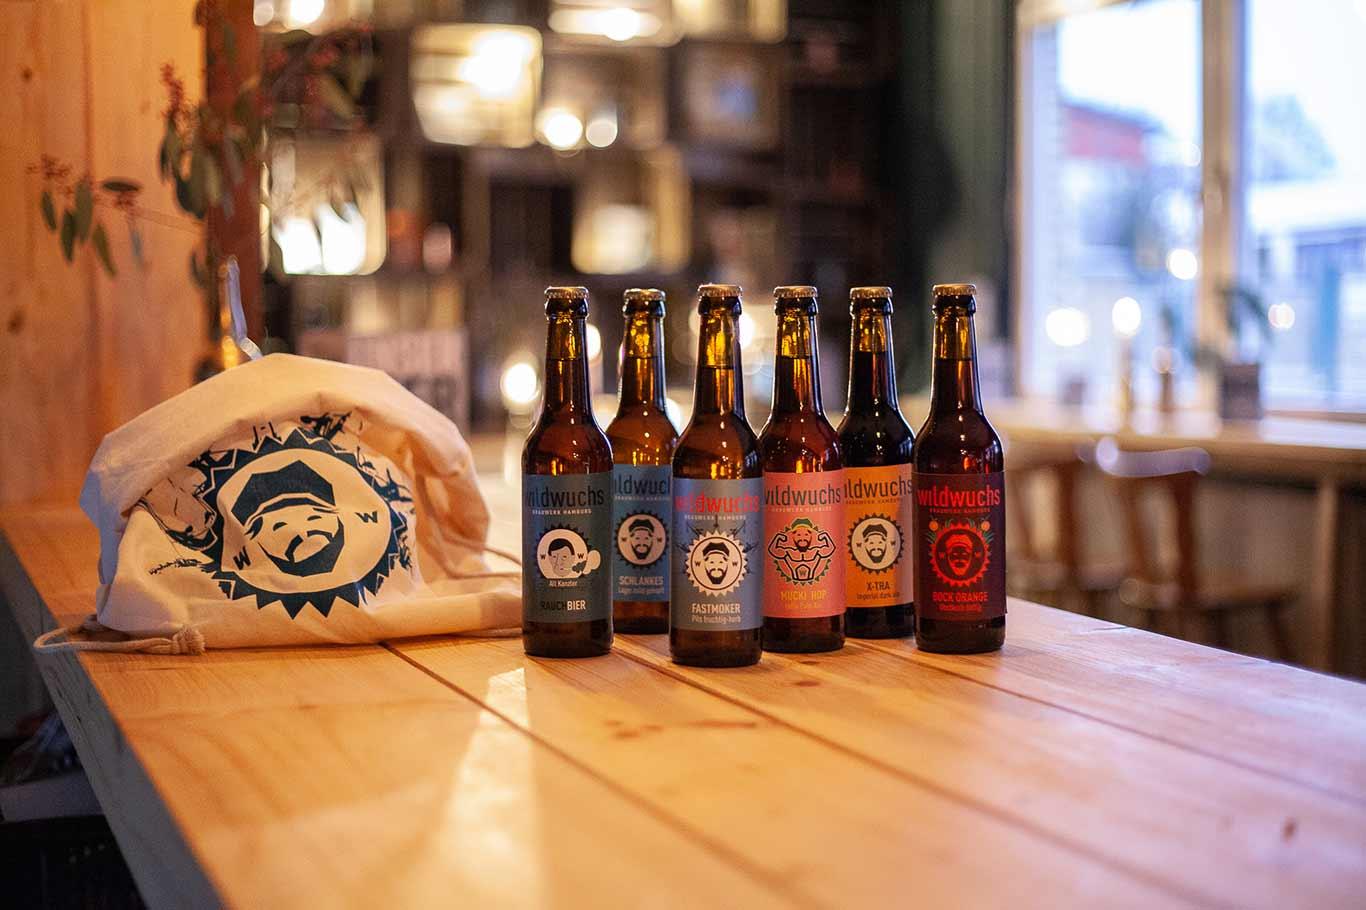 Brauerei Wildwuchs Flaschen